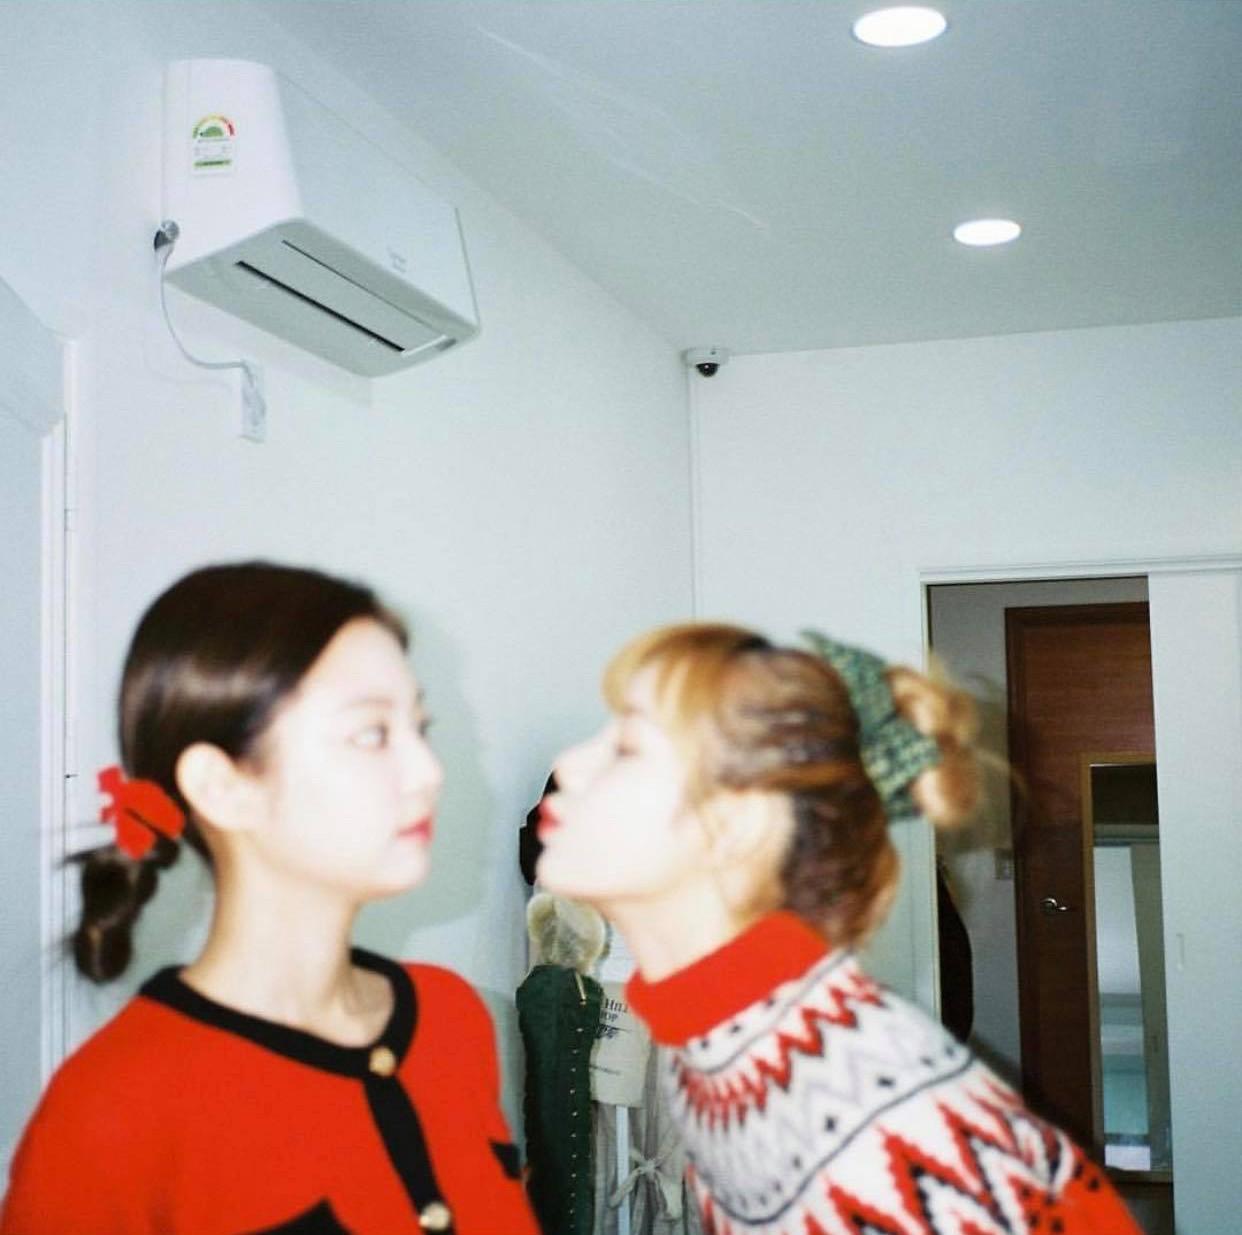 Có nữ idol nào như Jennie: Chẳng thèm giữ gìn hình tượng, toàn đăng ảnh tạo dáng khó hiểu tặng meme cho fan chế - Ảnh 8.